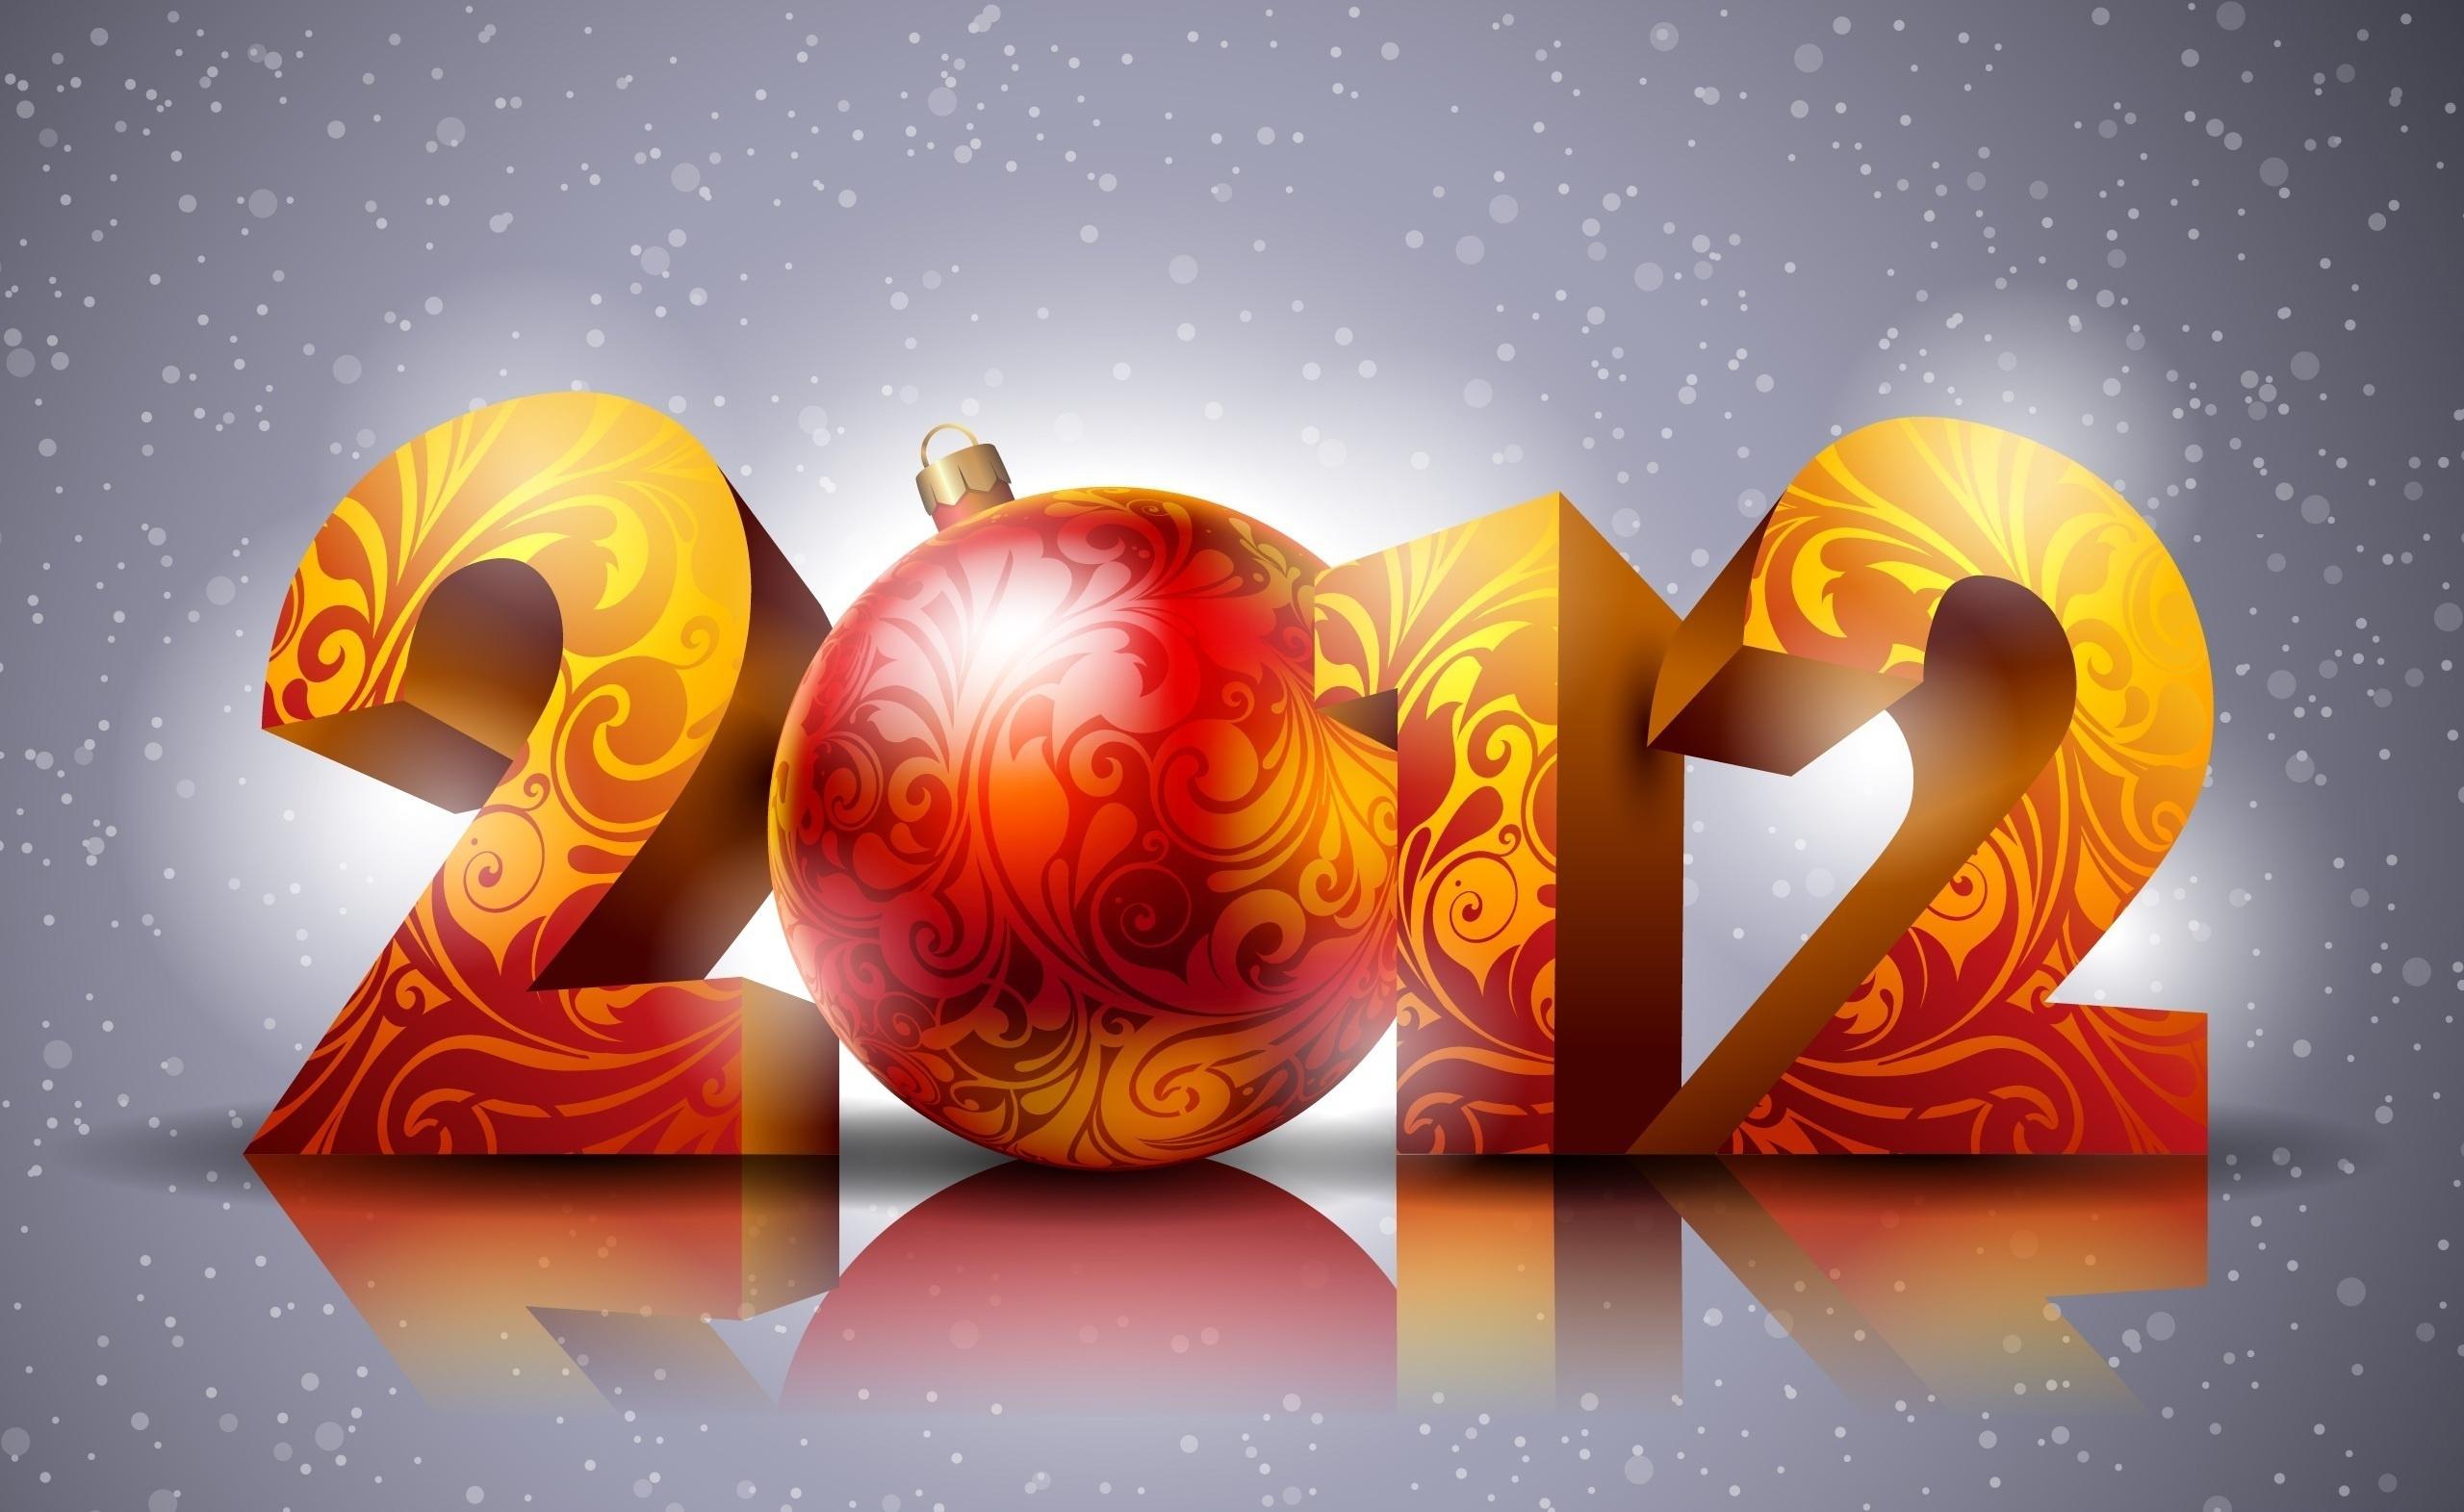 Обои на рабочий стол - Новый год [1600x1200-1920x1080-2560x1600] [211шт.] (2011) JPG